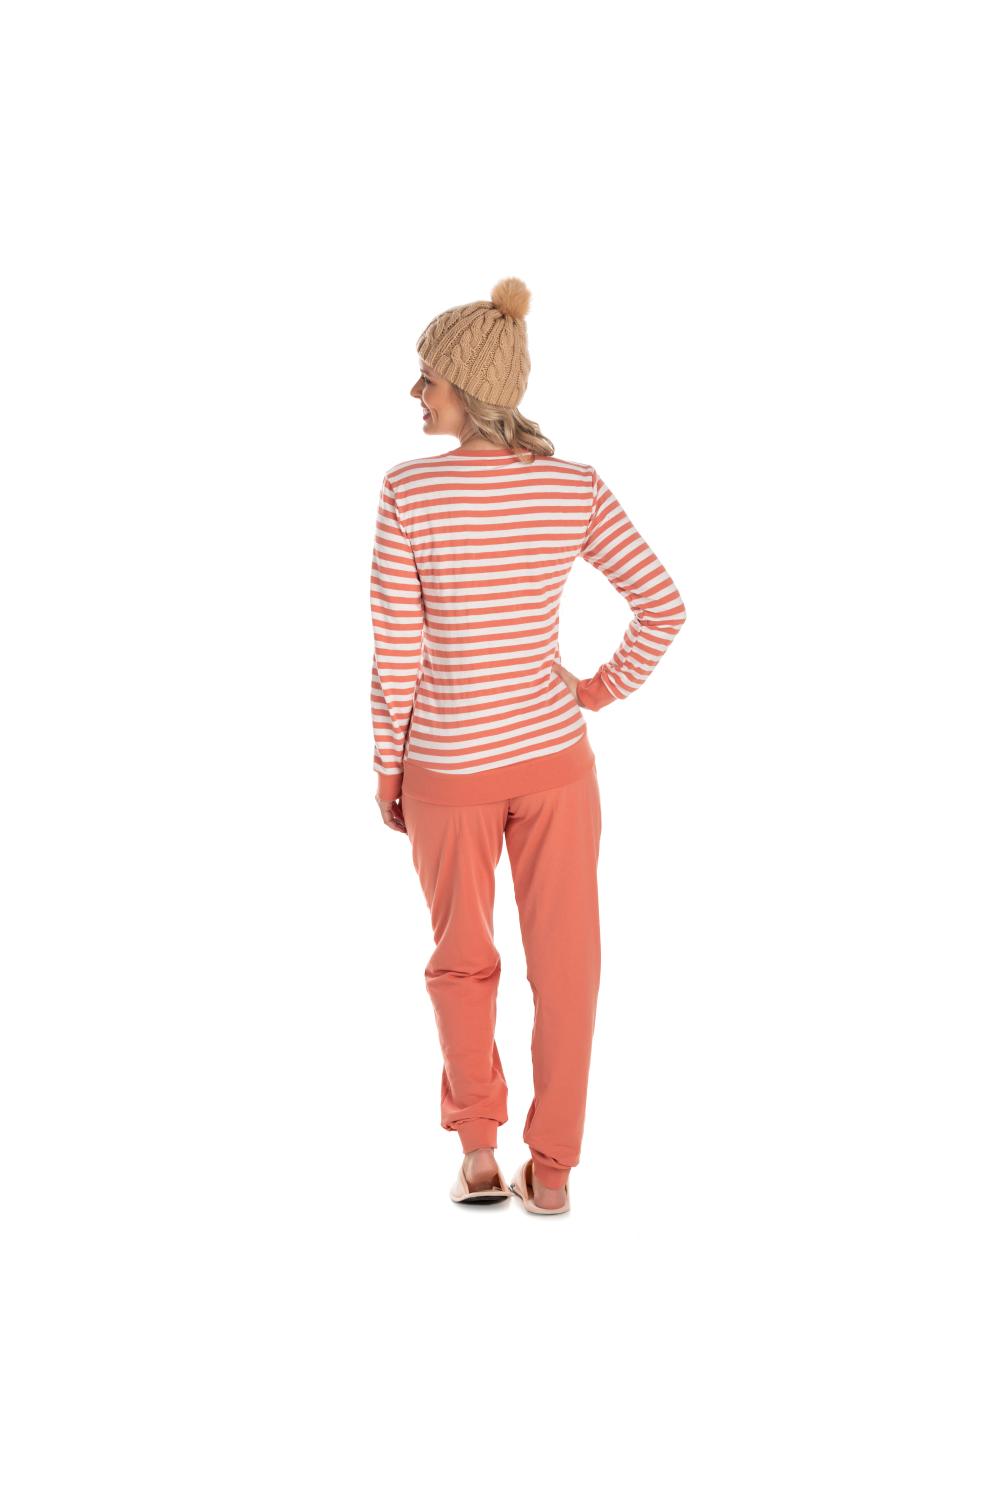 050/A - Pijama Adulto Feminino em Moletinho Felpado